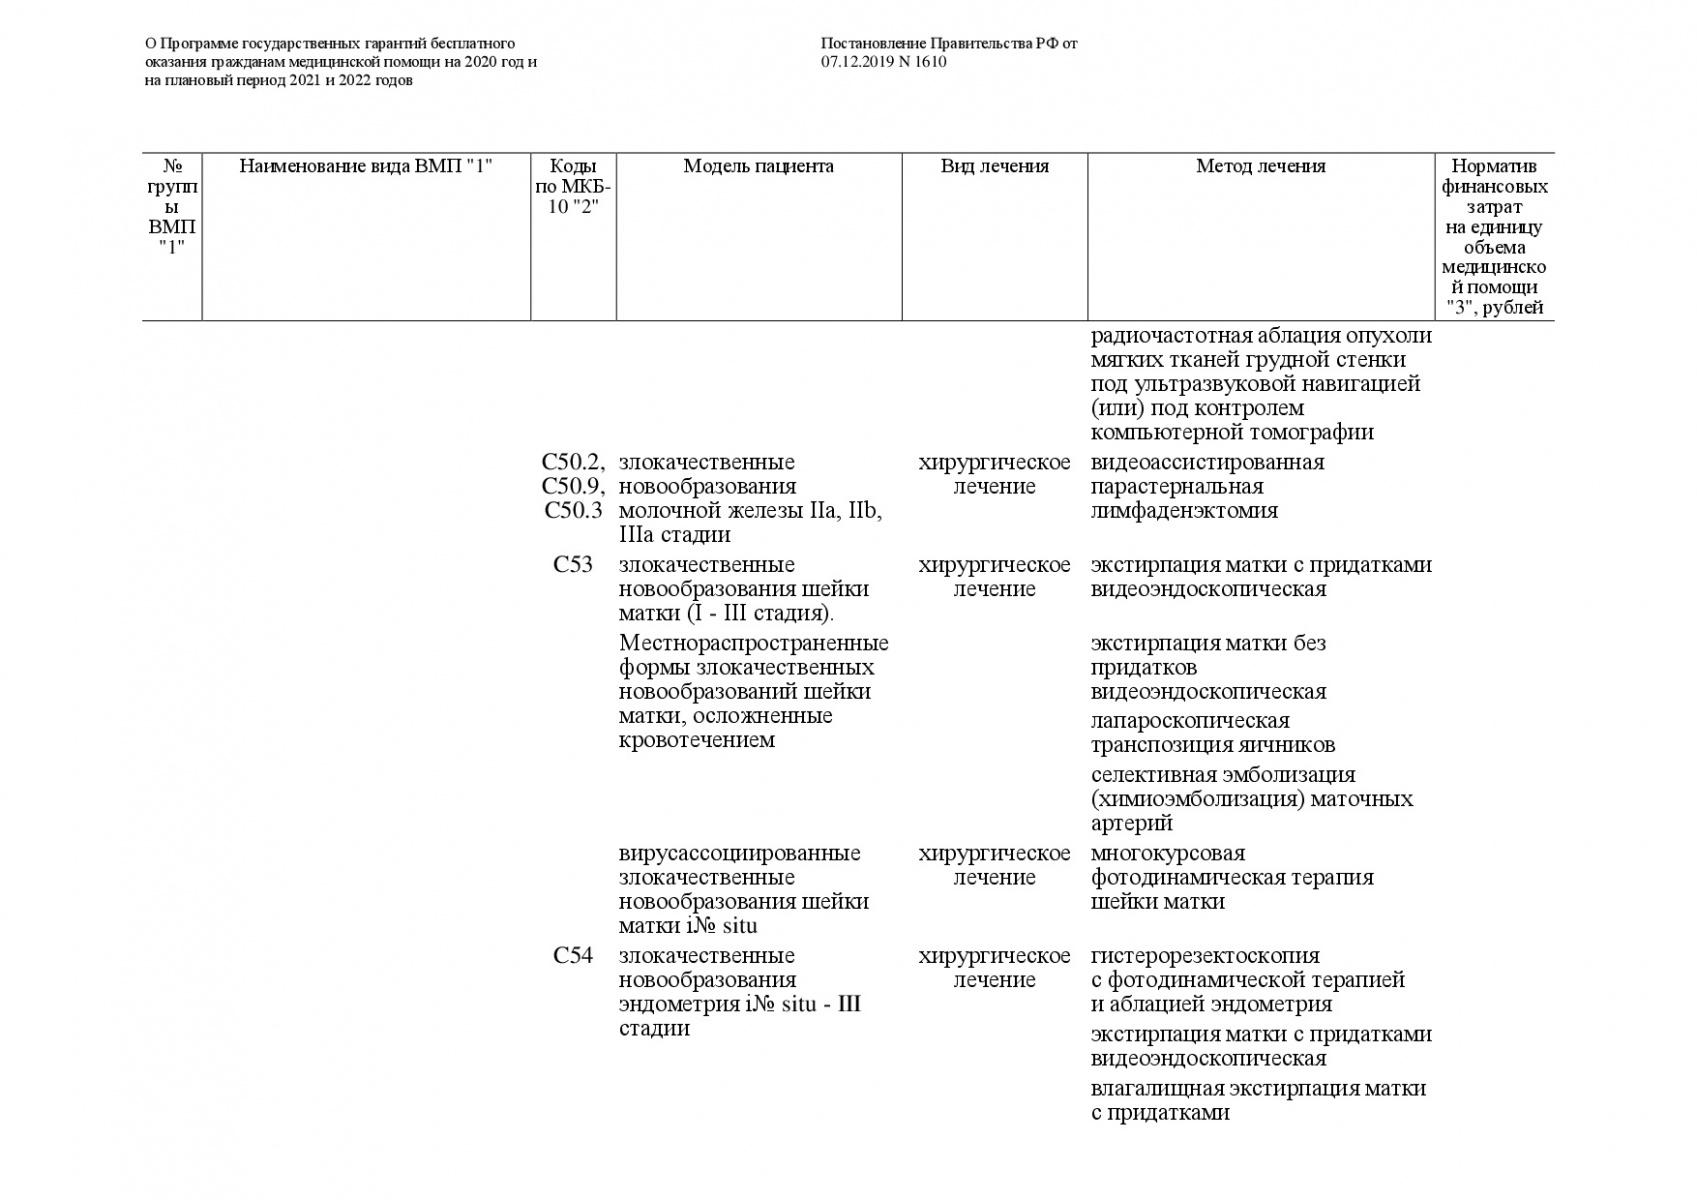 Postanovlenie-Pravitelstva-RF-ot-07_12_2019-1610-O-PGG-069